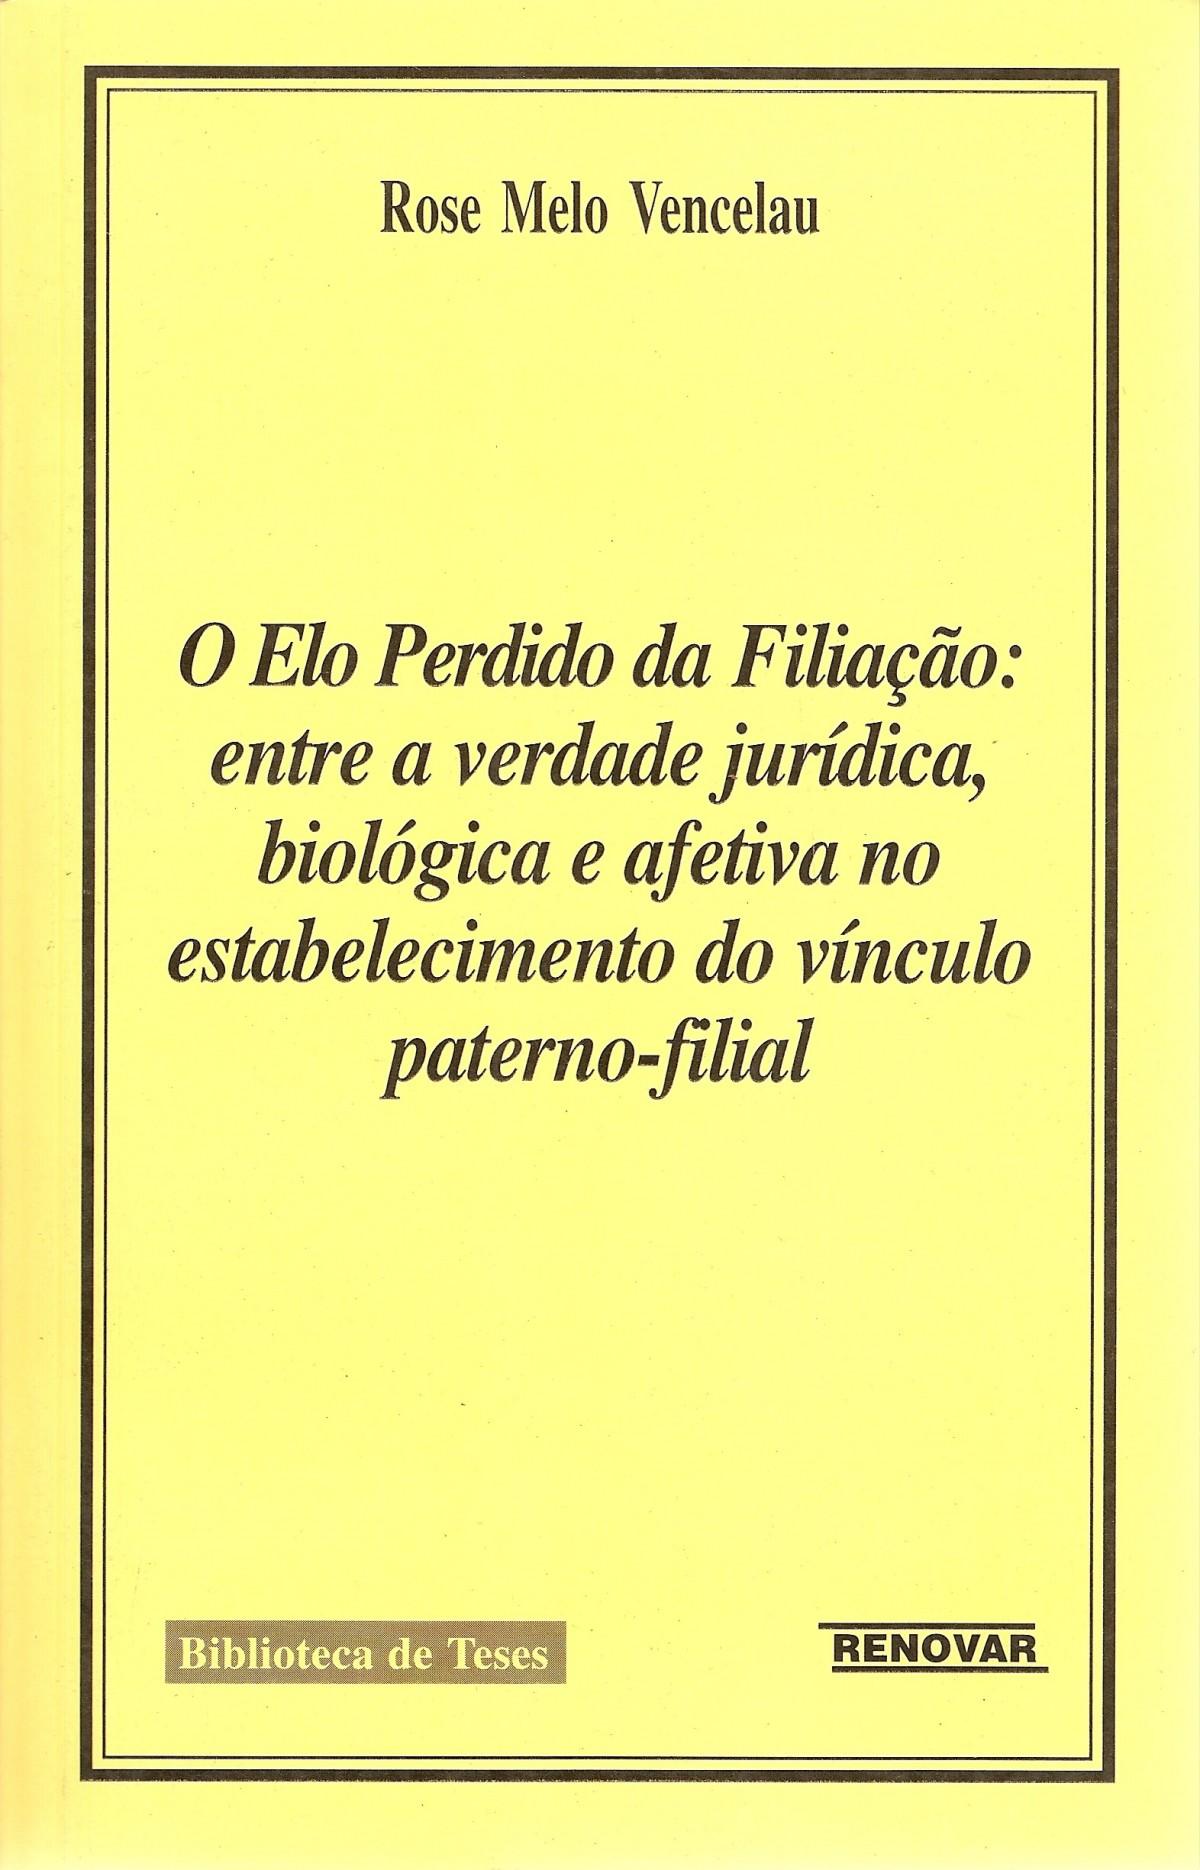 Foto 1 - O Elo Perdido da Filiação: Entre a Verdade Jurídica, Biológica Afetiva no Estabelecimento do Vínculo